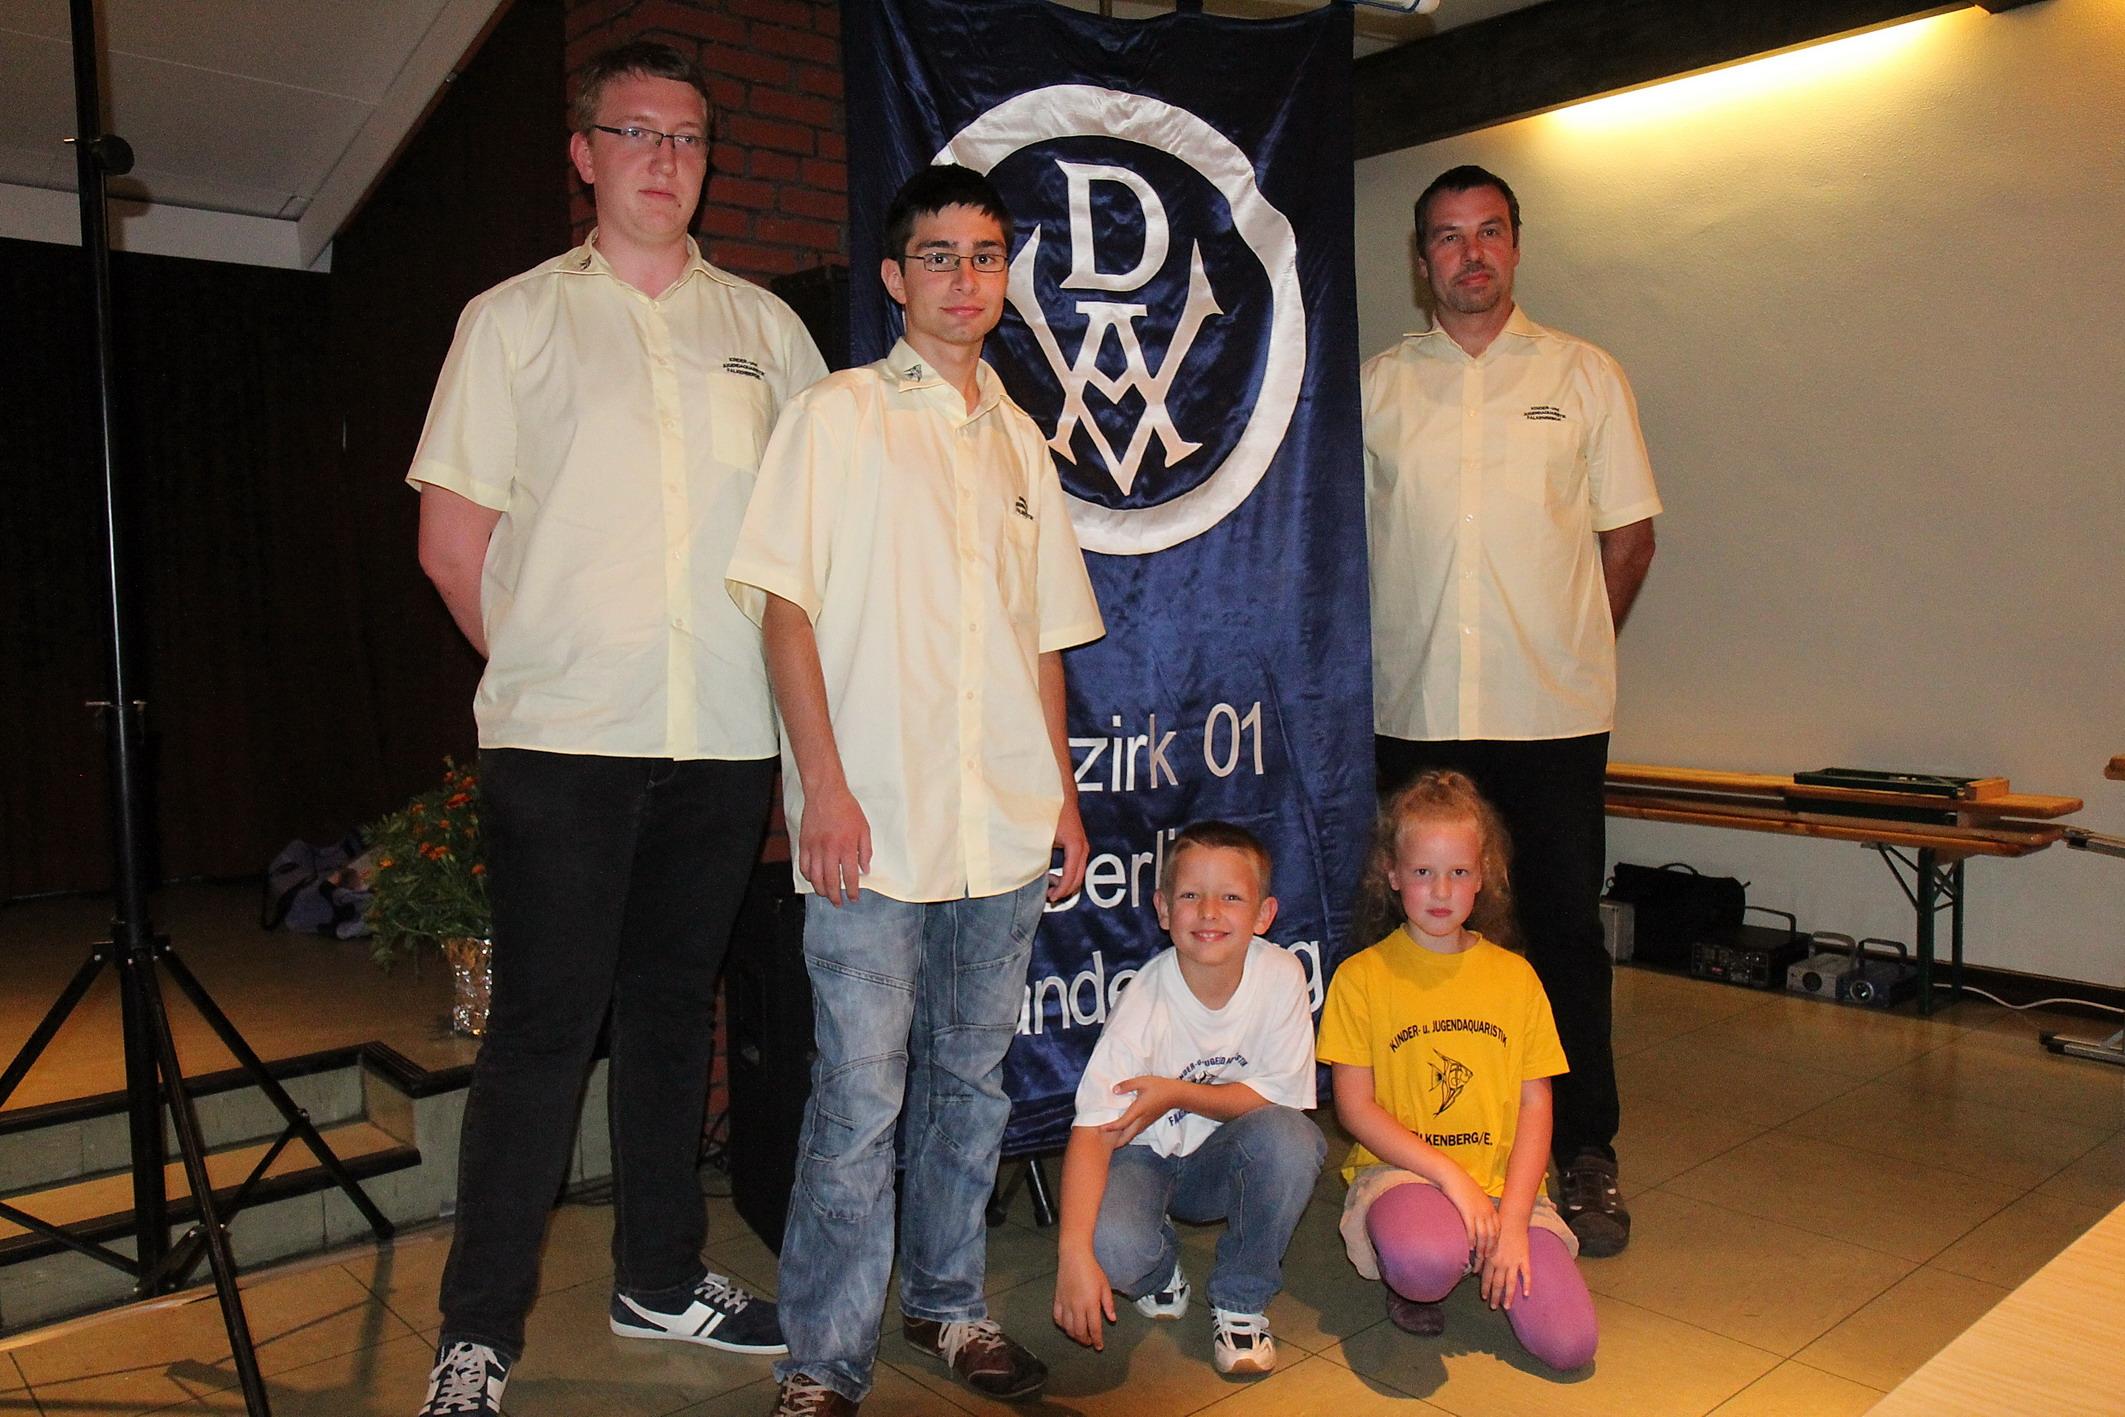 Bezirkstag 2012 – Neu im Bezirk: Mitglieder der Jugendgruppe Falkenberg